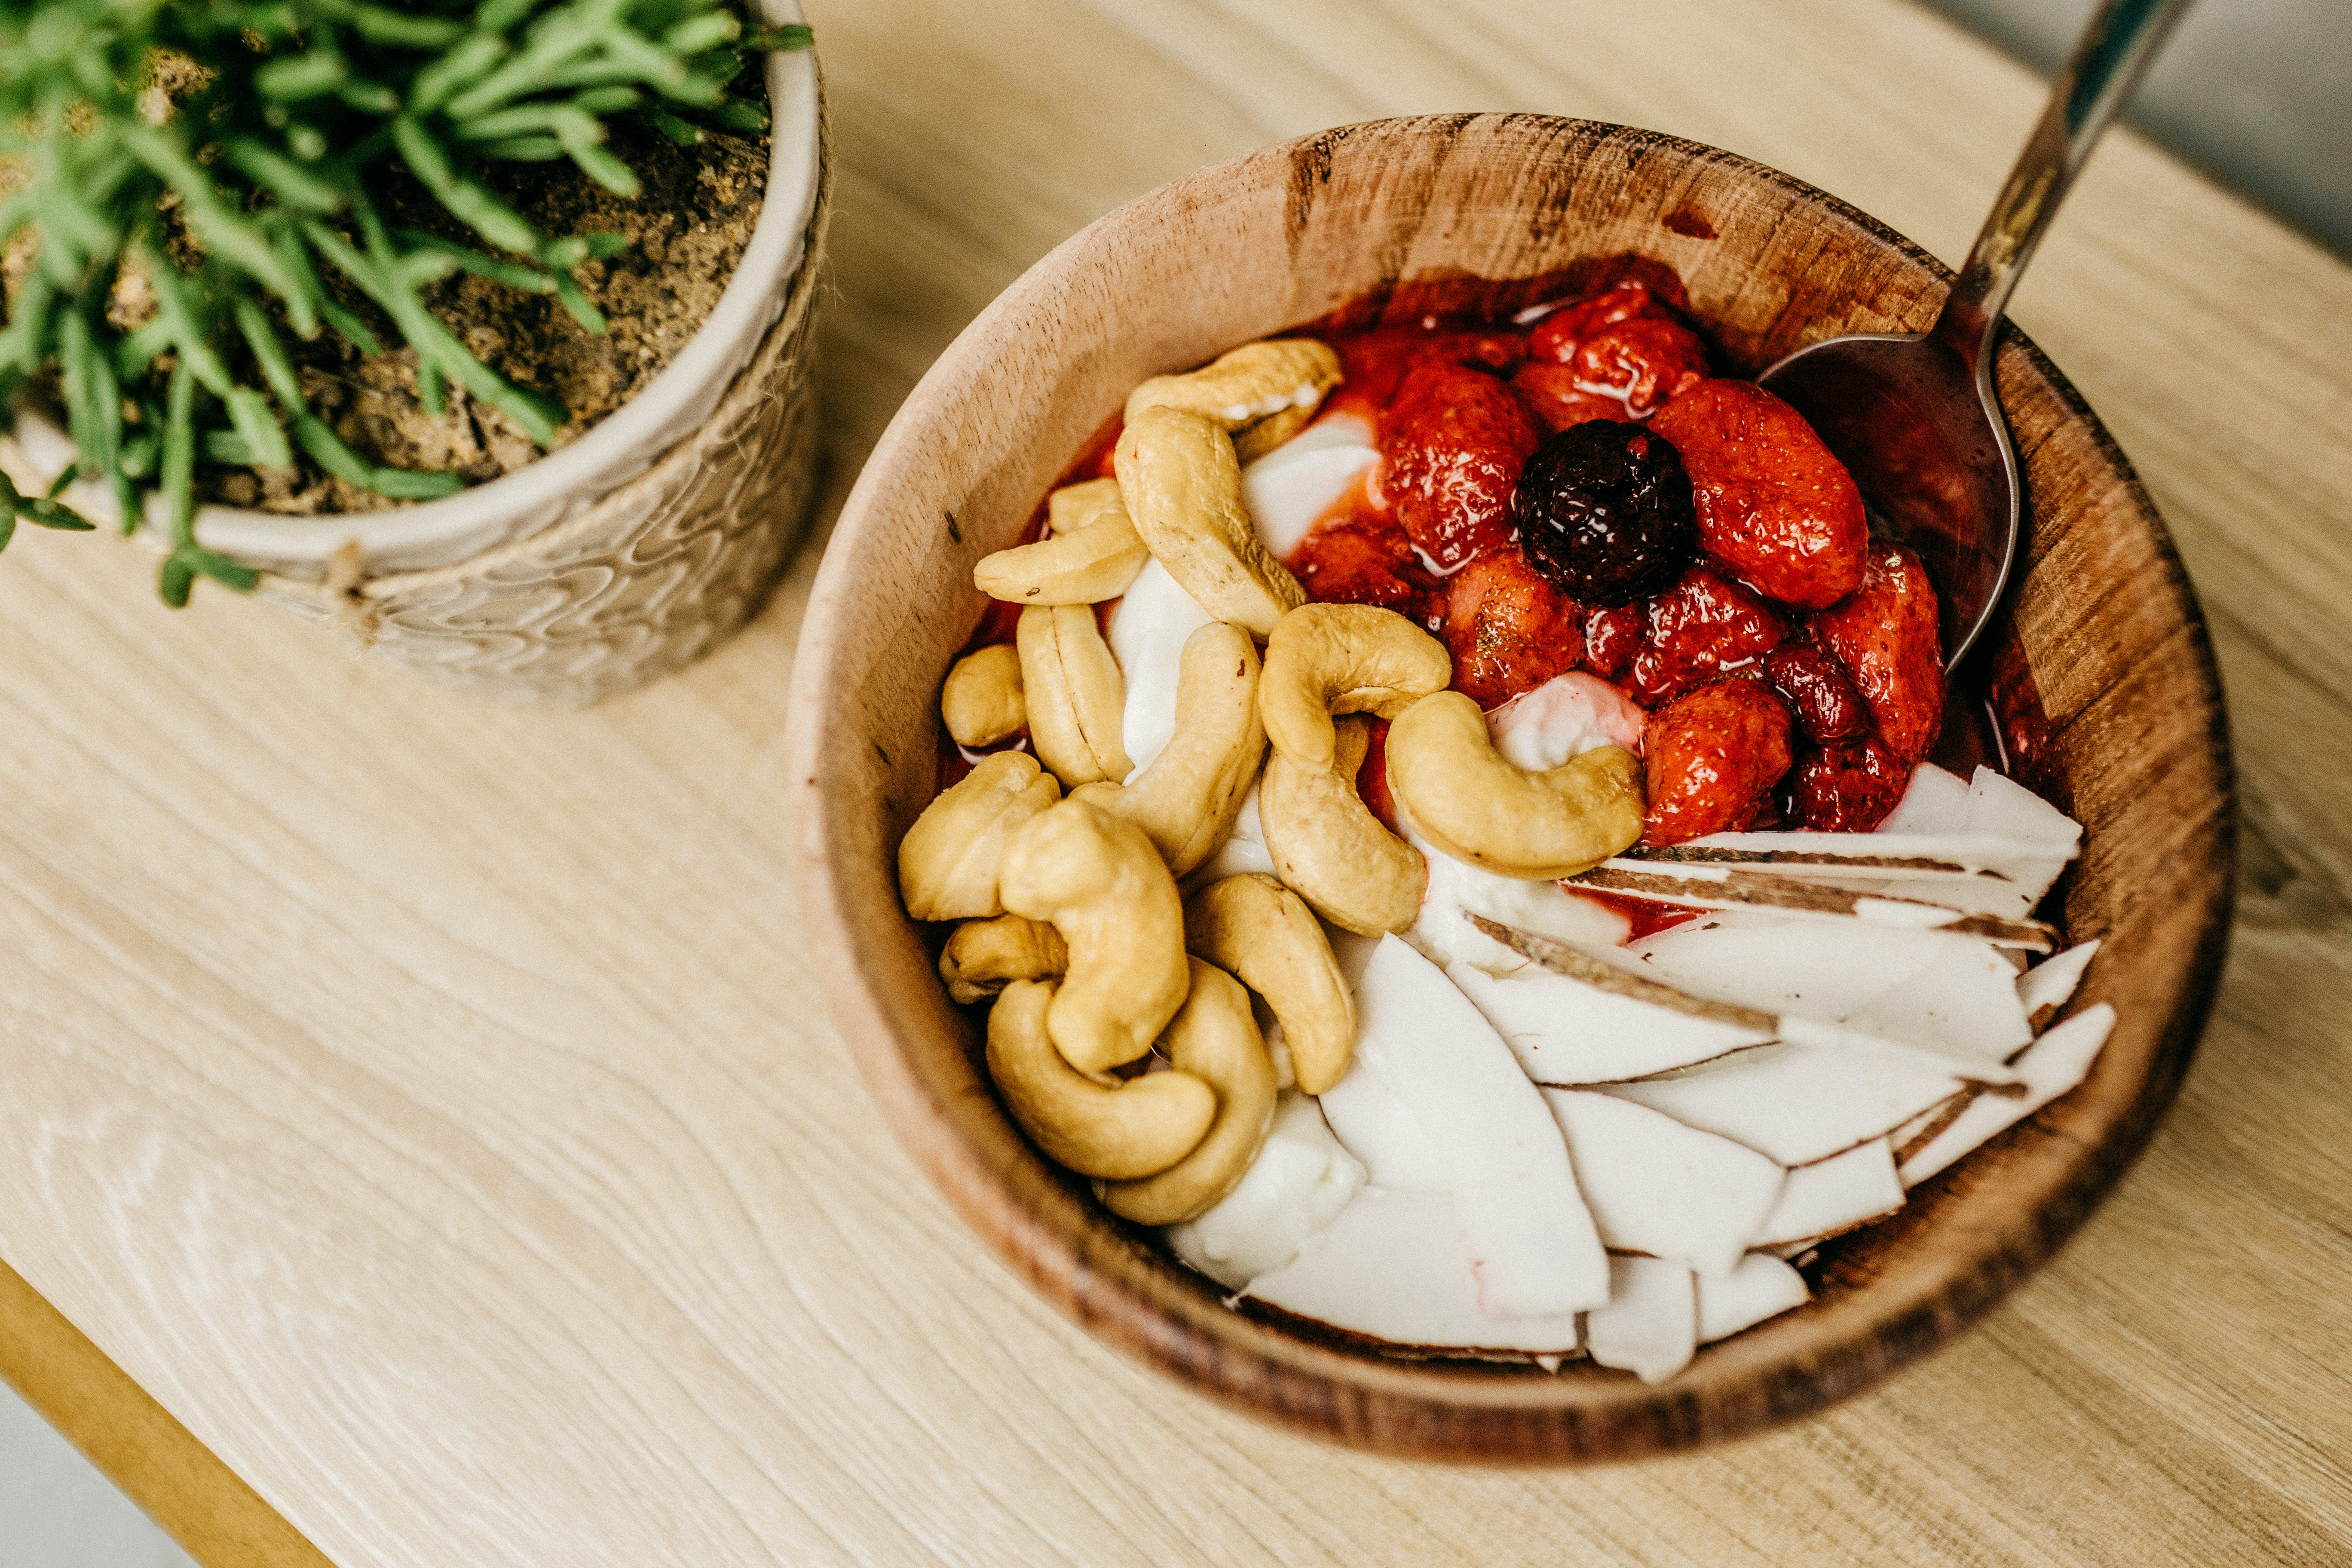 जानें इसके हैरान कर देने वाले फायदे, किन लोगों को नहीं खाने चाहिए काजू? हेल्थ एंड फिटनेस,Health & Fitness - Dainik Bhaskar